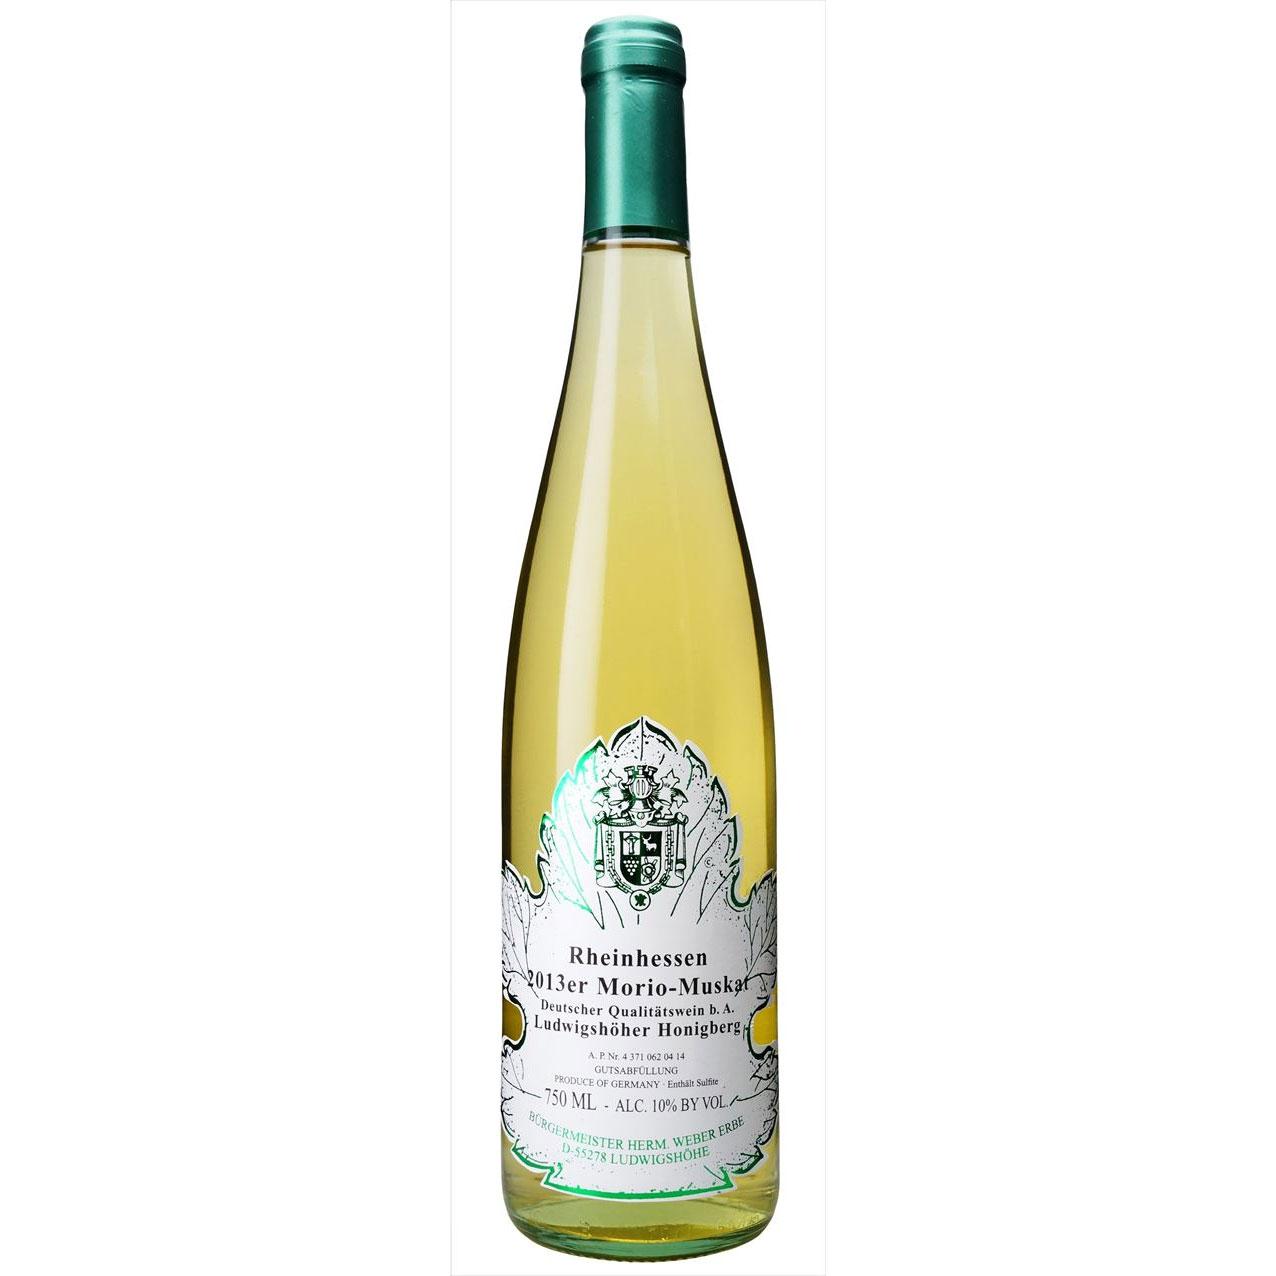 【ラッキーシール対応】母の日 ギフト ルドヴィヒスヘーファー ホーニッヒベルク モリオムスカット ブルガマイスター ヴェーバー 白 750ml 12本 ドイツ ラインヘッセン 白ワイン ヴィンテージ管理しておりません、変わる場合があります